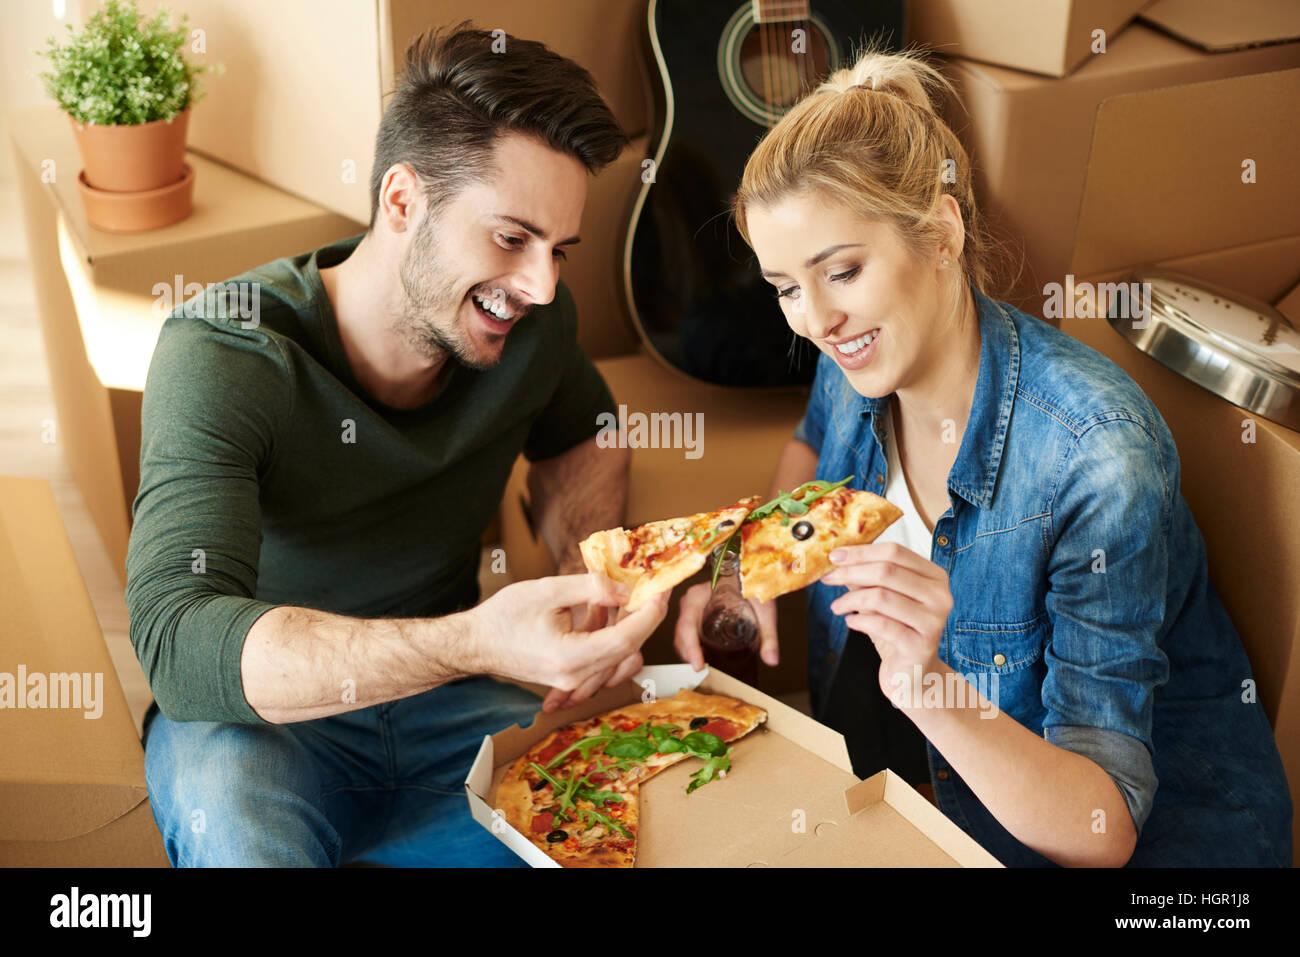 Couple eating pizza à côté de boîtes de déménagement Photo Stock